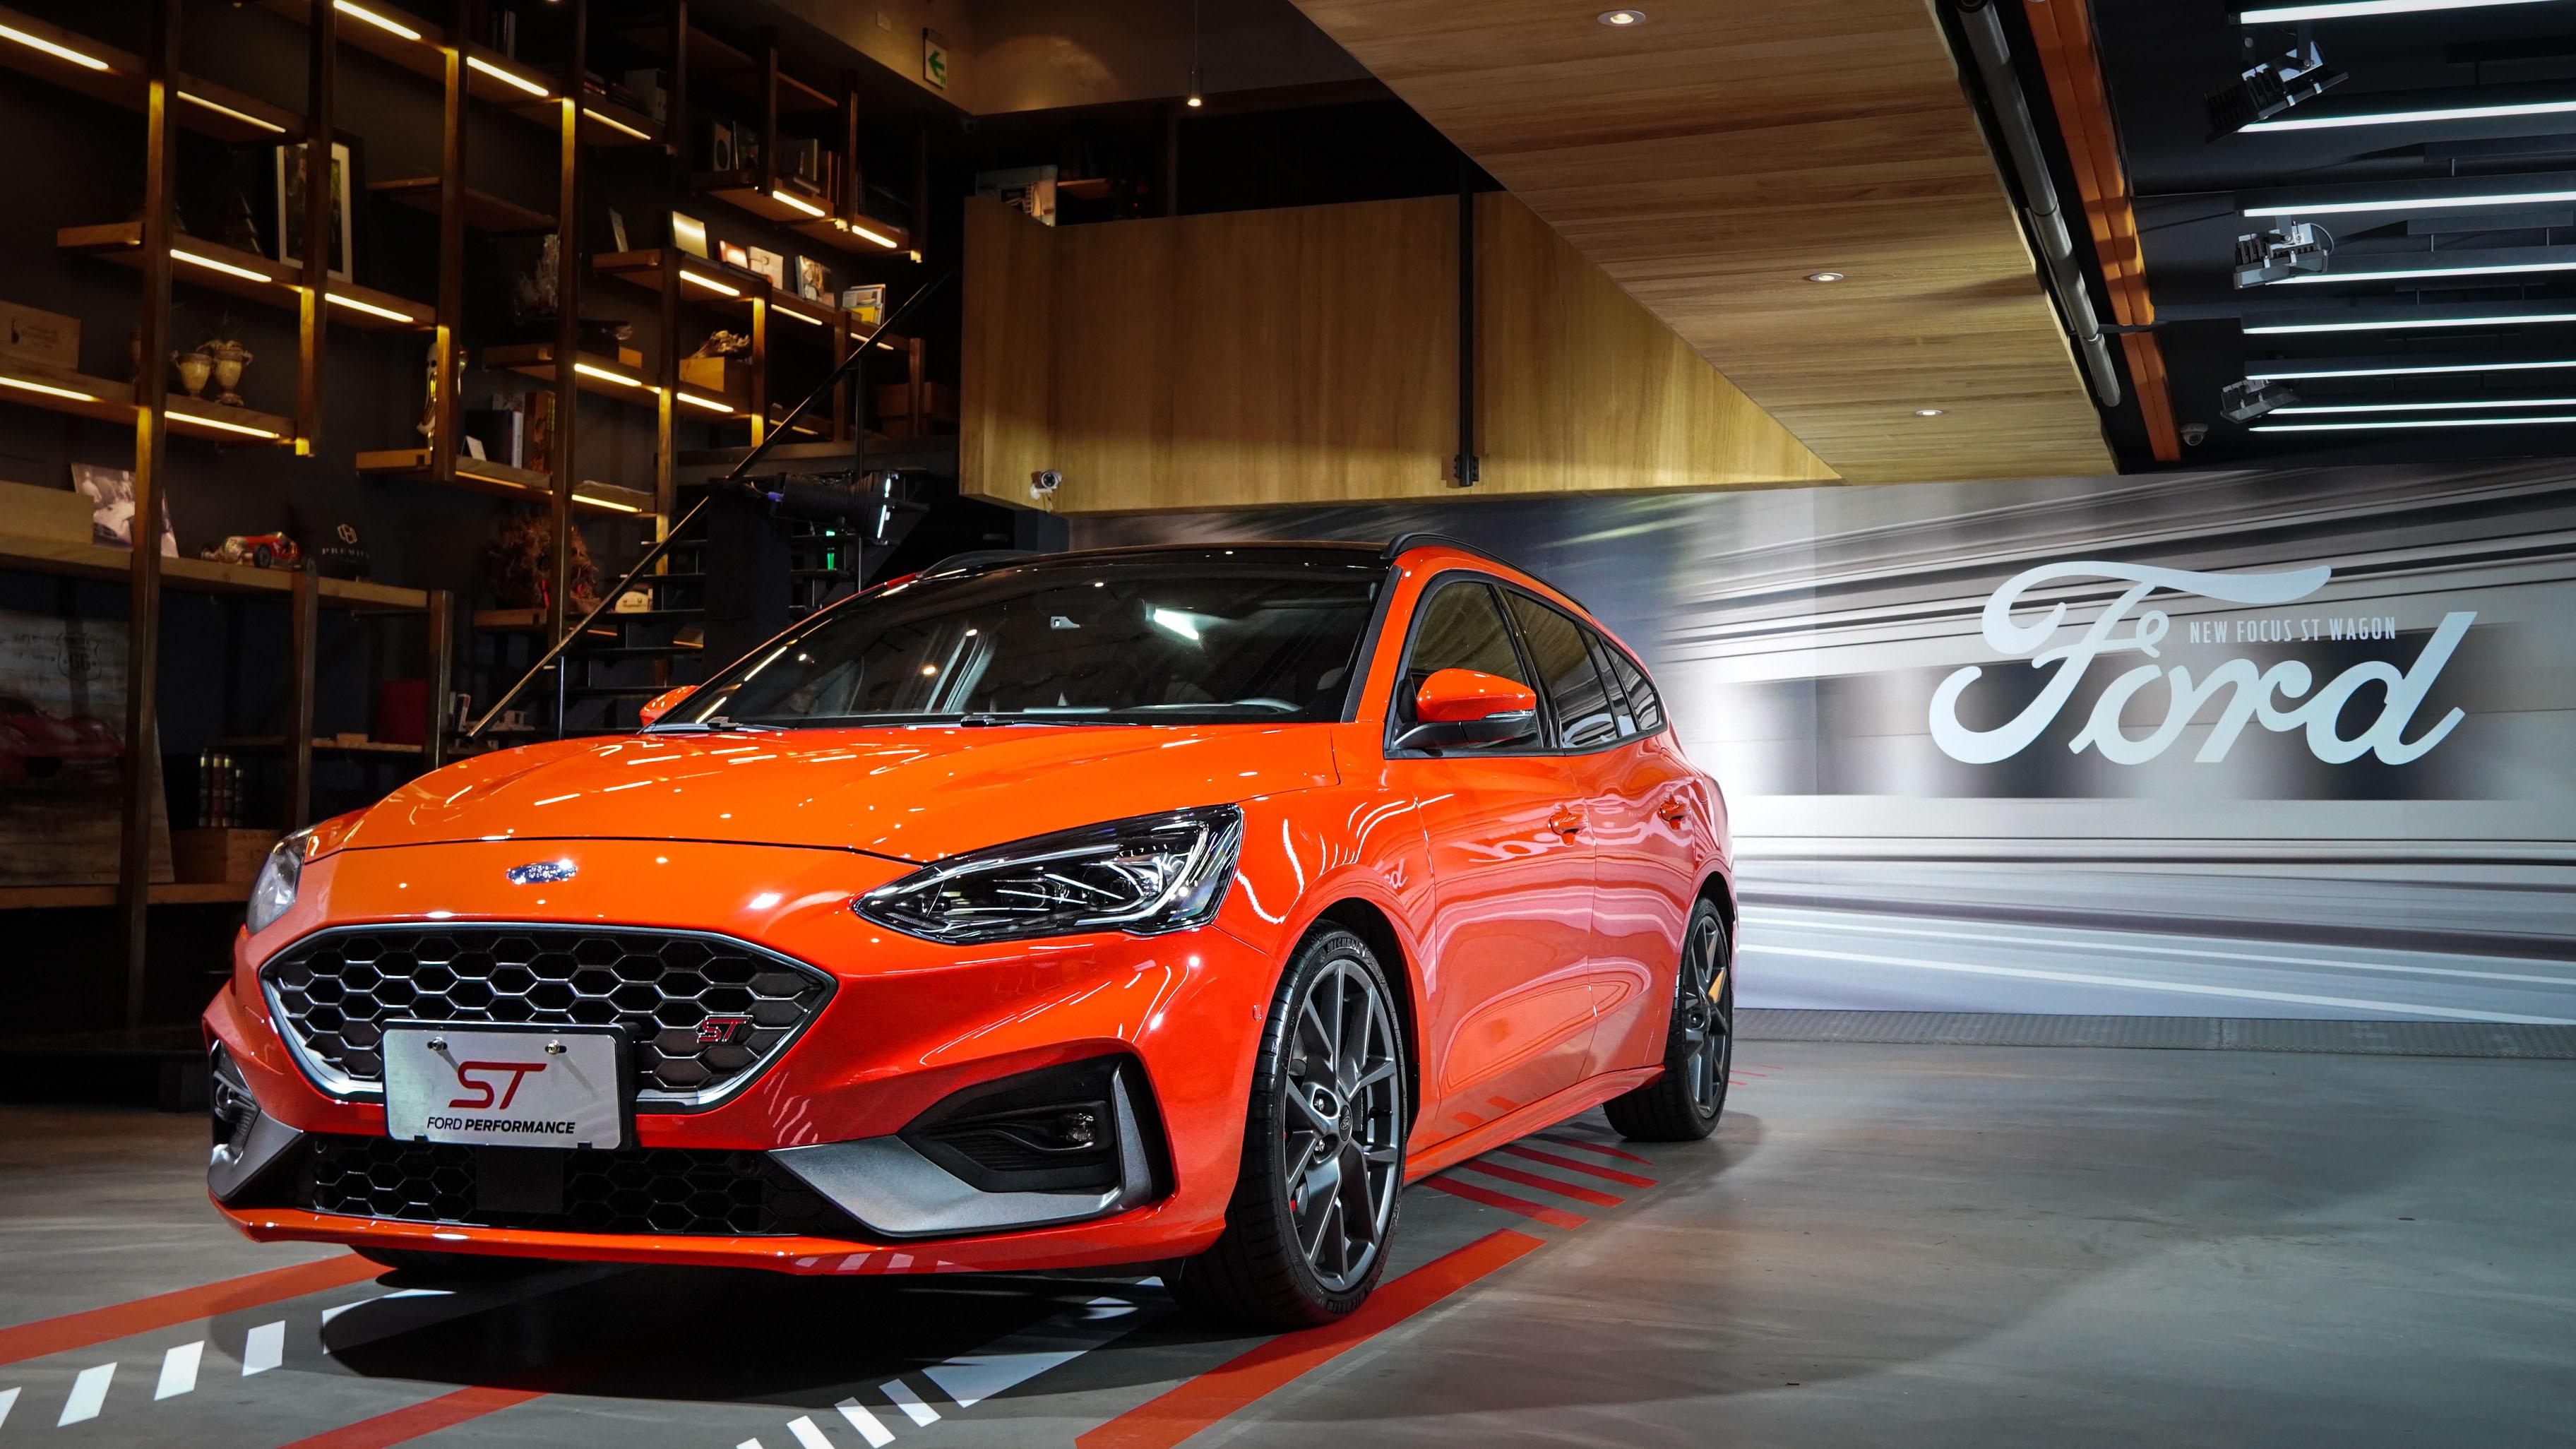 這車太強了吧!Ford Focus ST Wagon 預接單價 142.8 萬登台